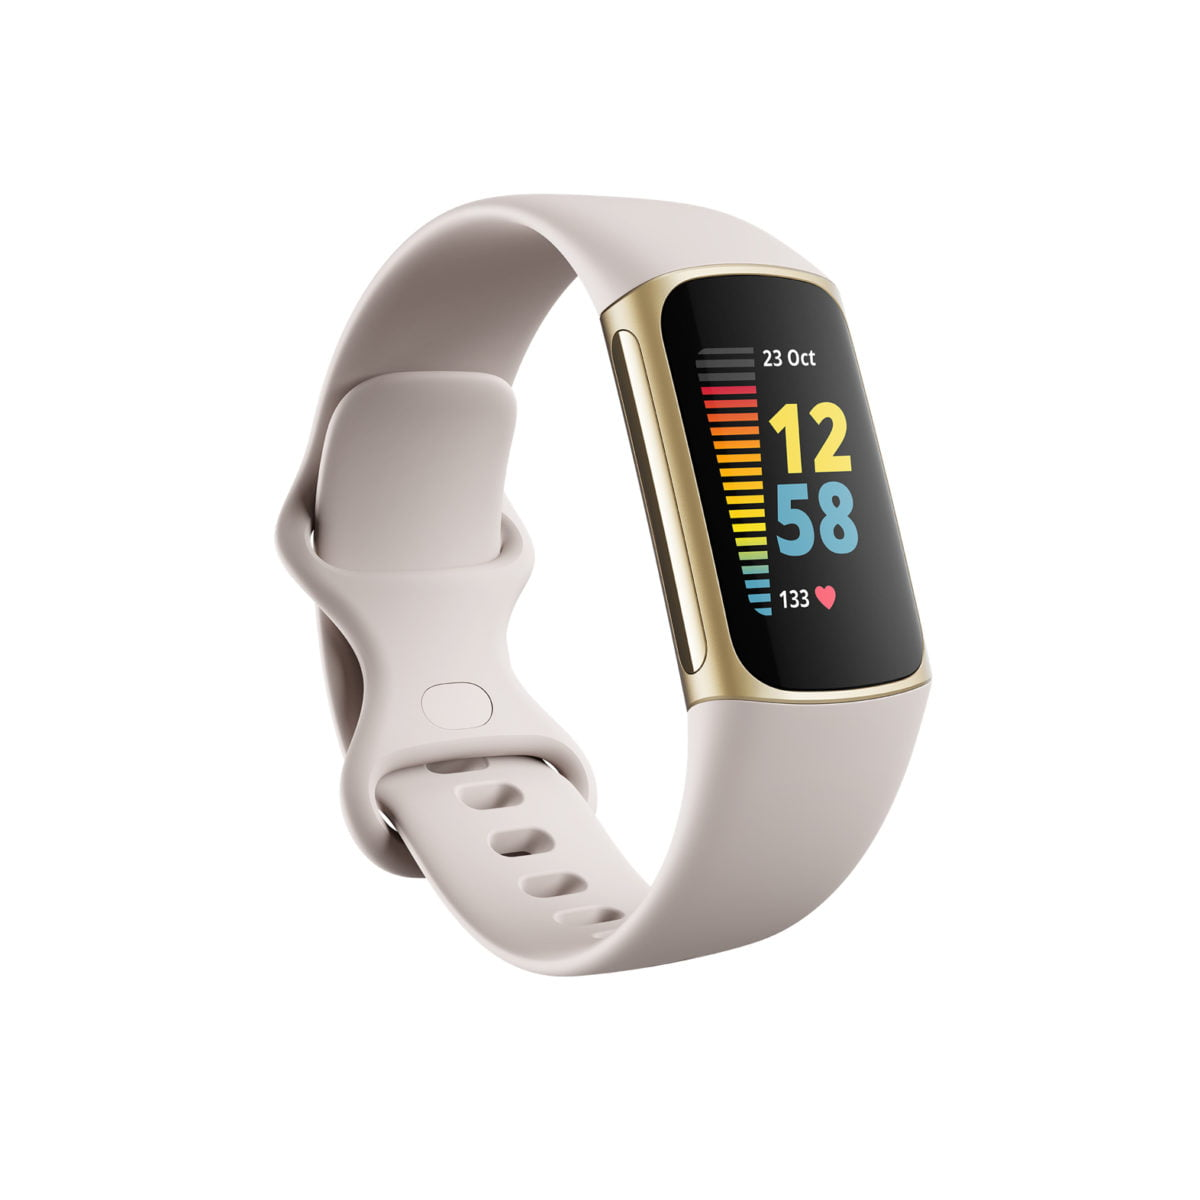 fitbit charge 5 braccialetto per rilevamento di attivita oro bianco fb421glwt